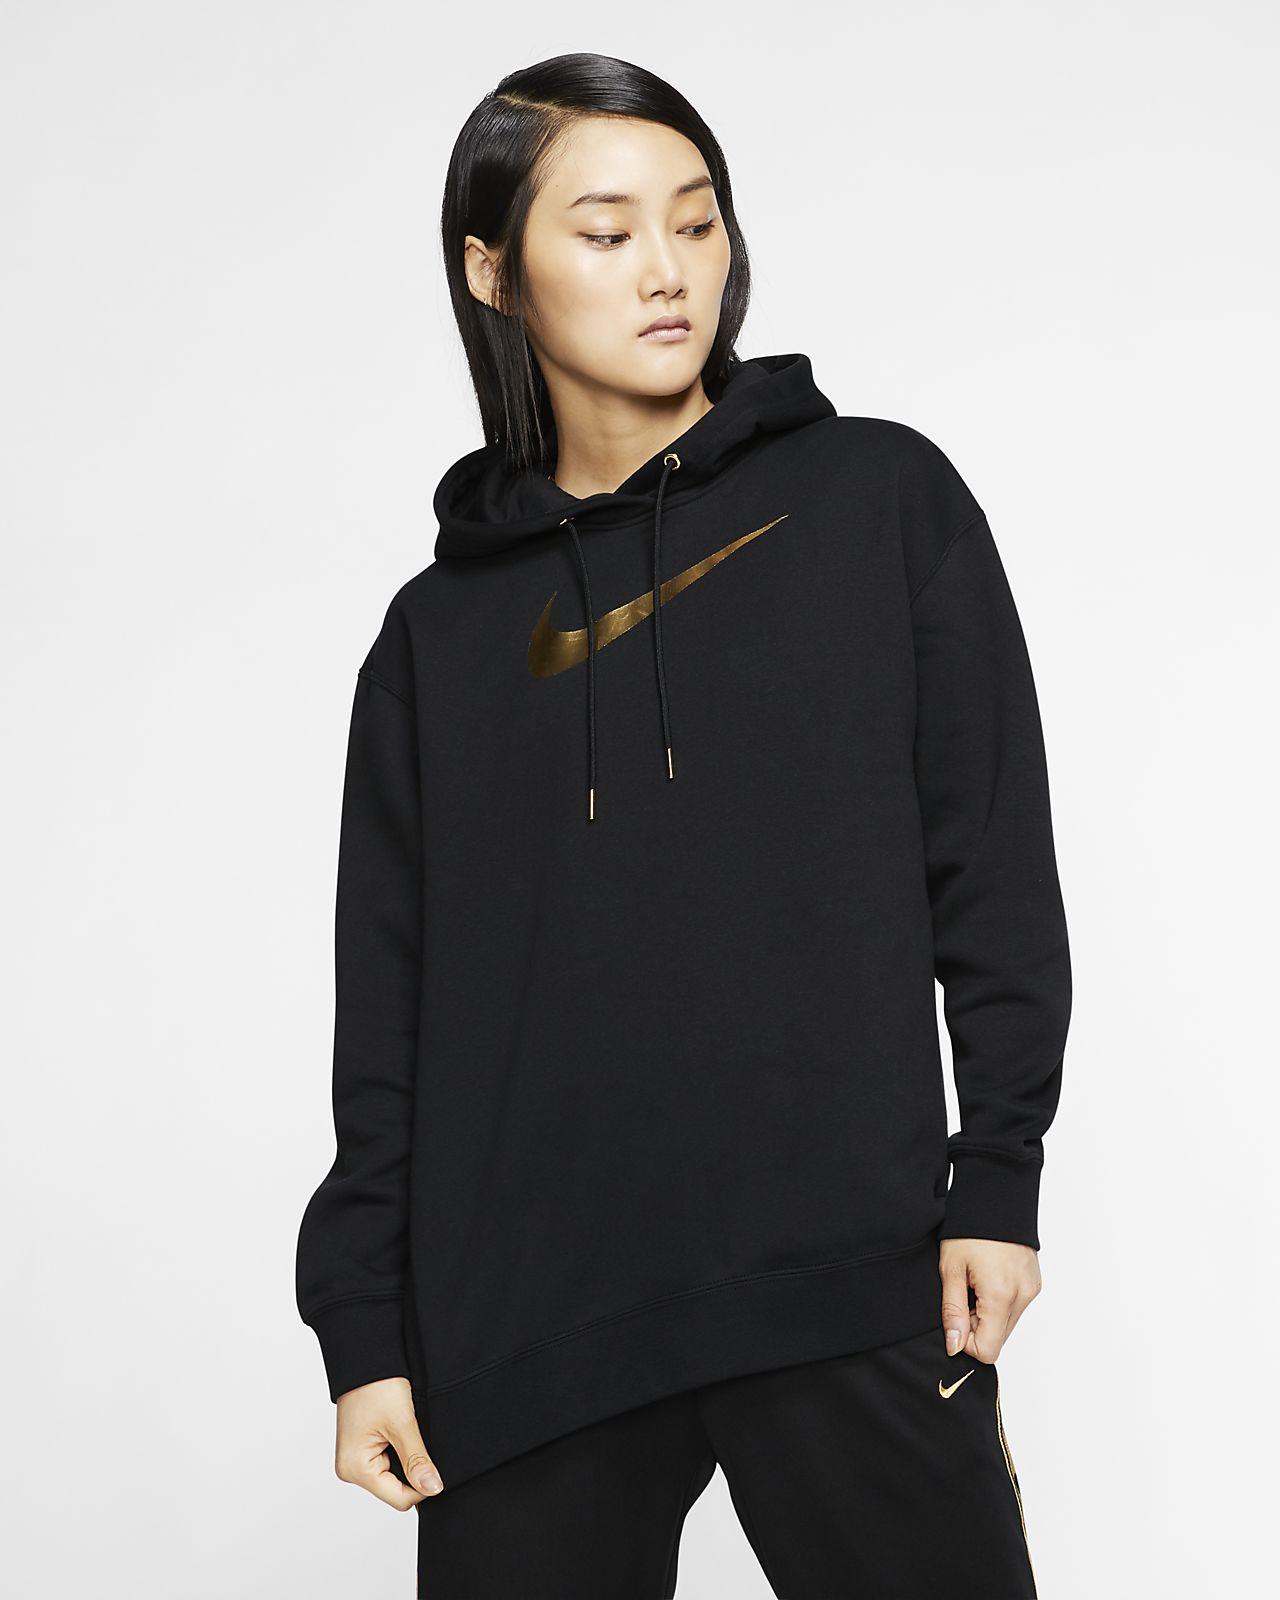 Black Tops Women's Nike Sportswear Funnel Neck Zip Up Hoodie